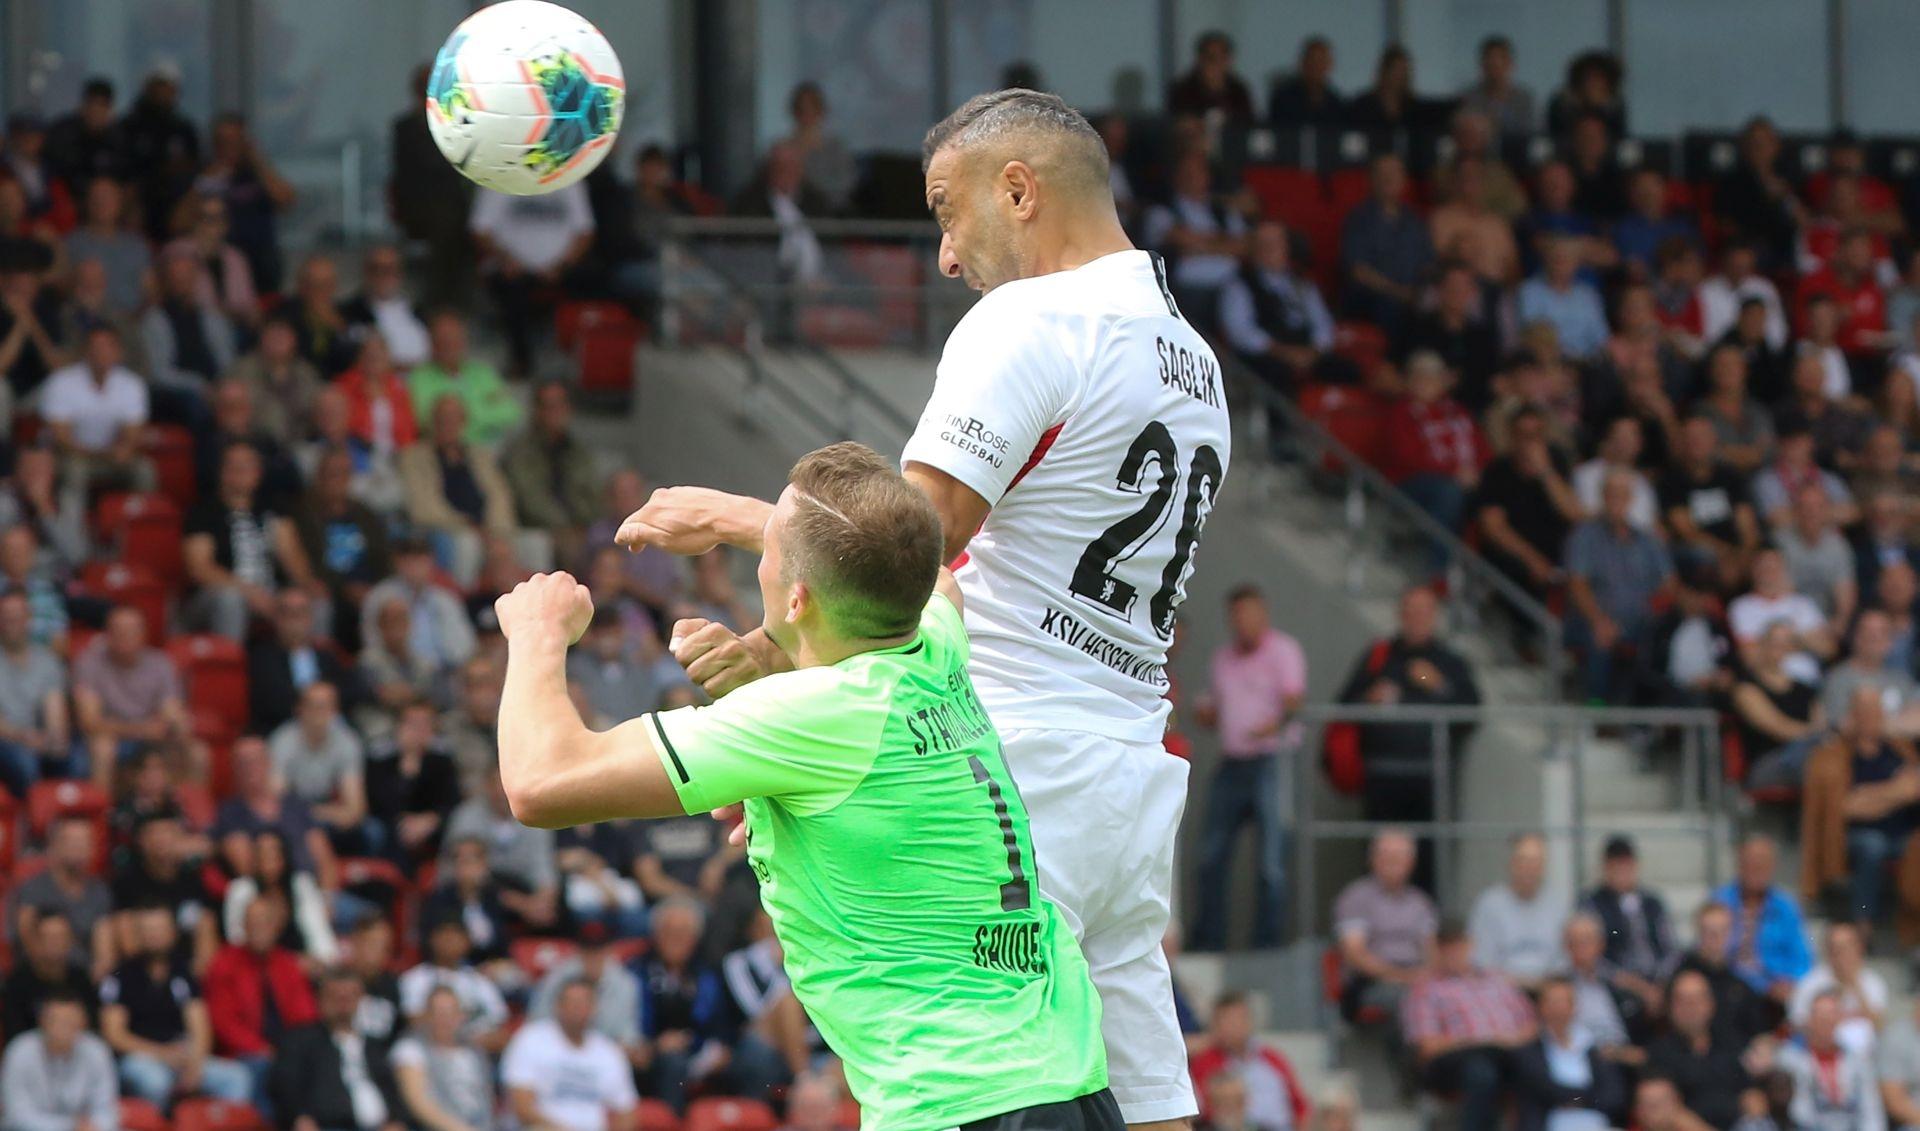 KSV Hessen Kassel - TSV Eintracht Stadtallendorf: Mahir Saglik